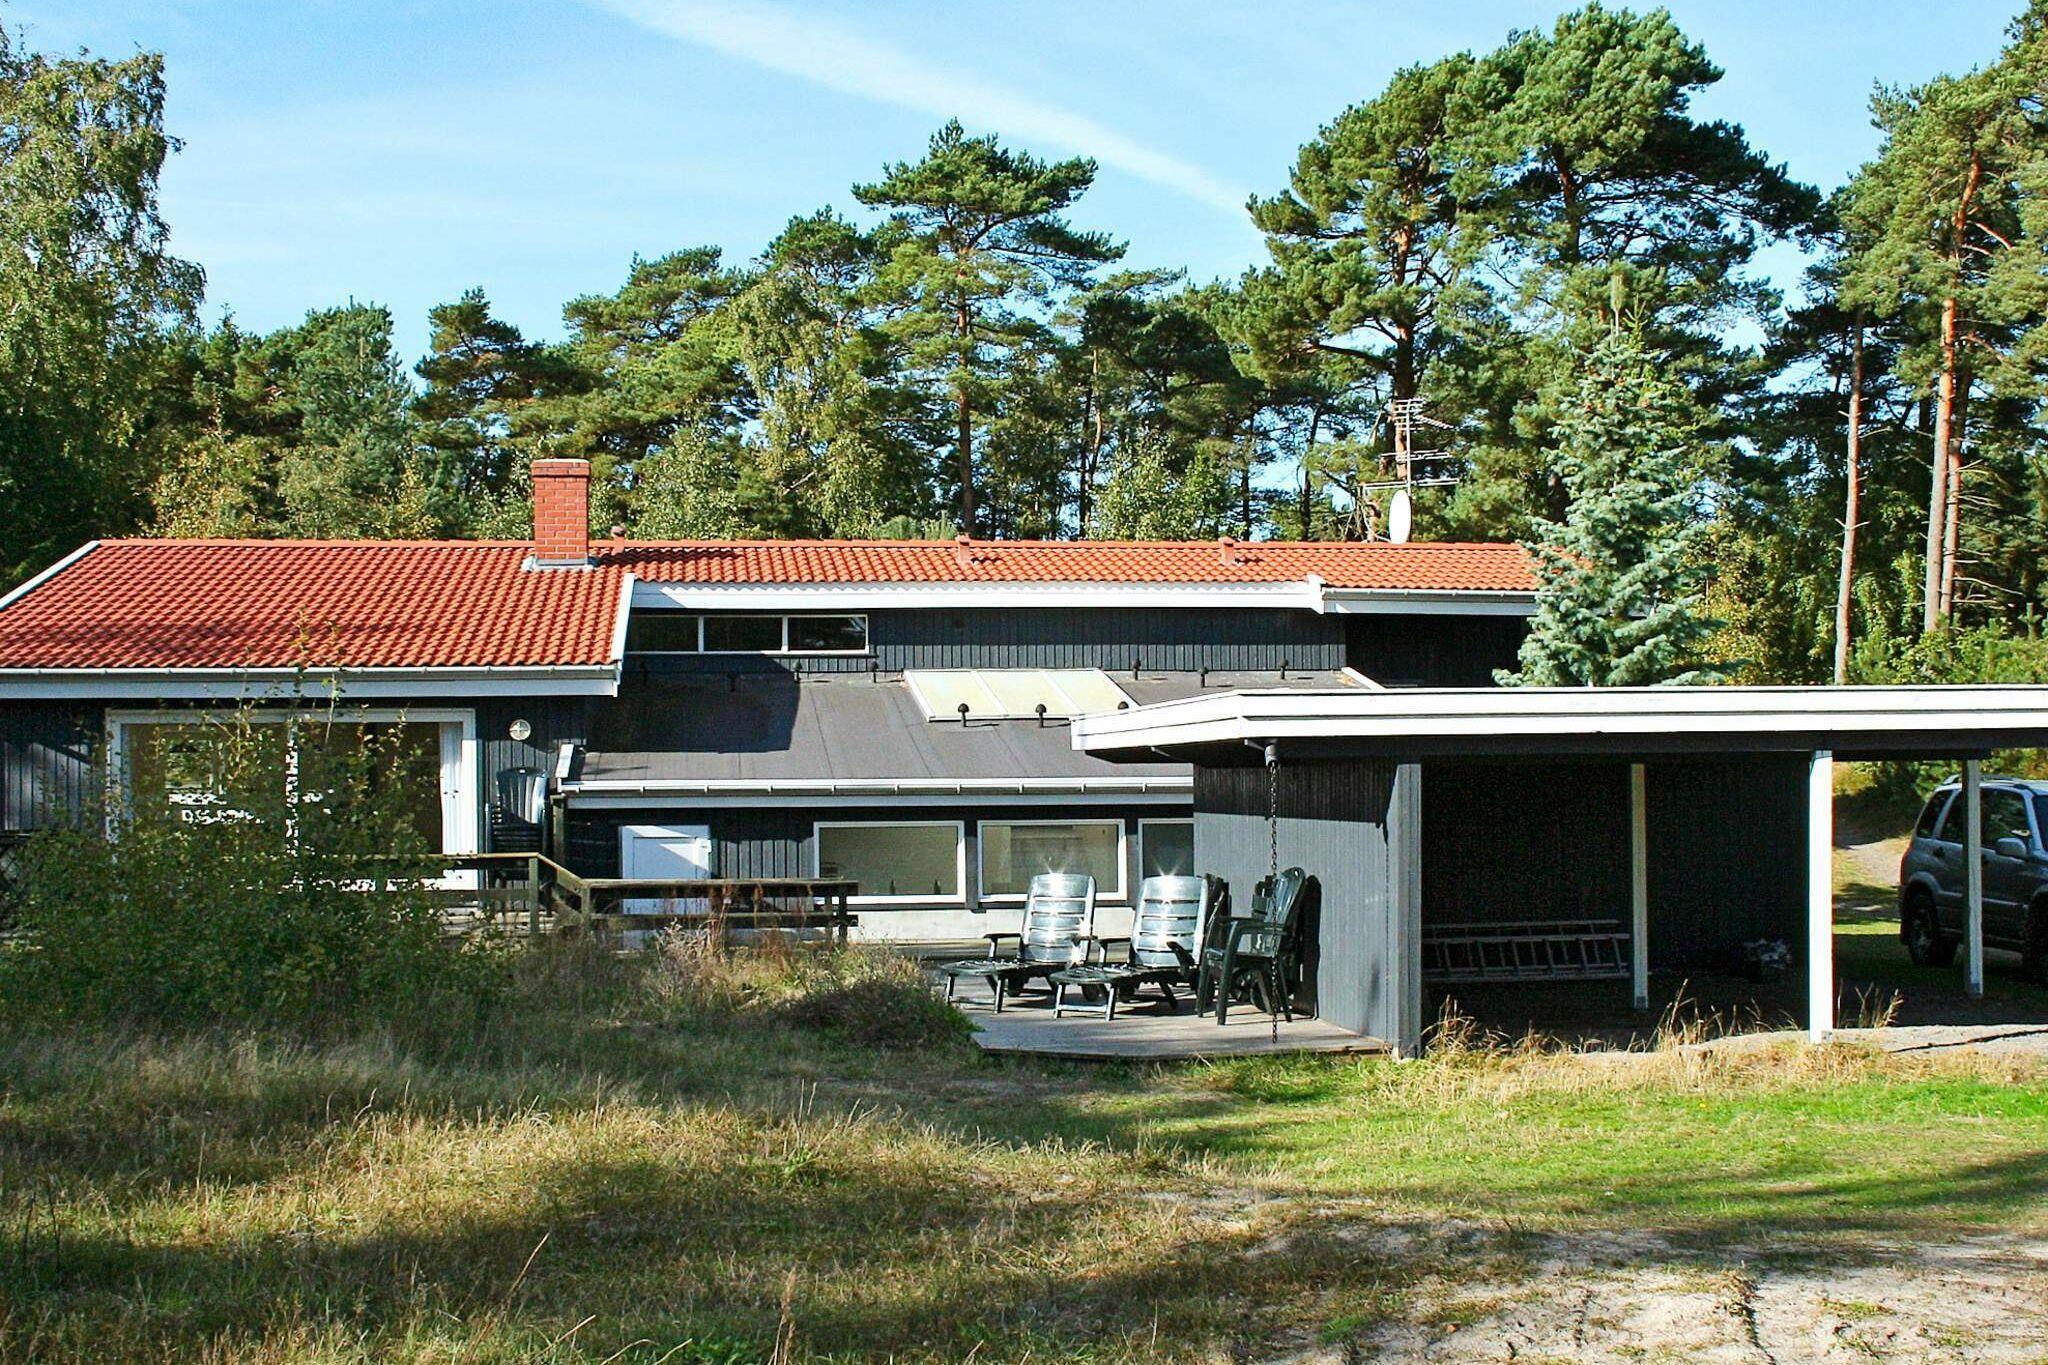 Ferienhaus in Nexö für 14 Personen